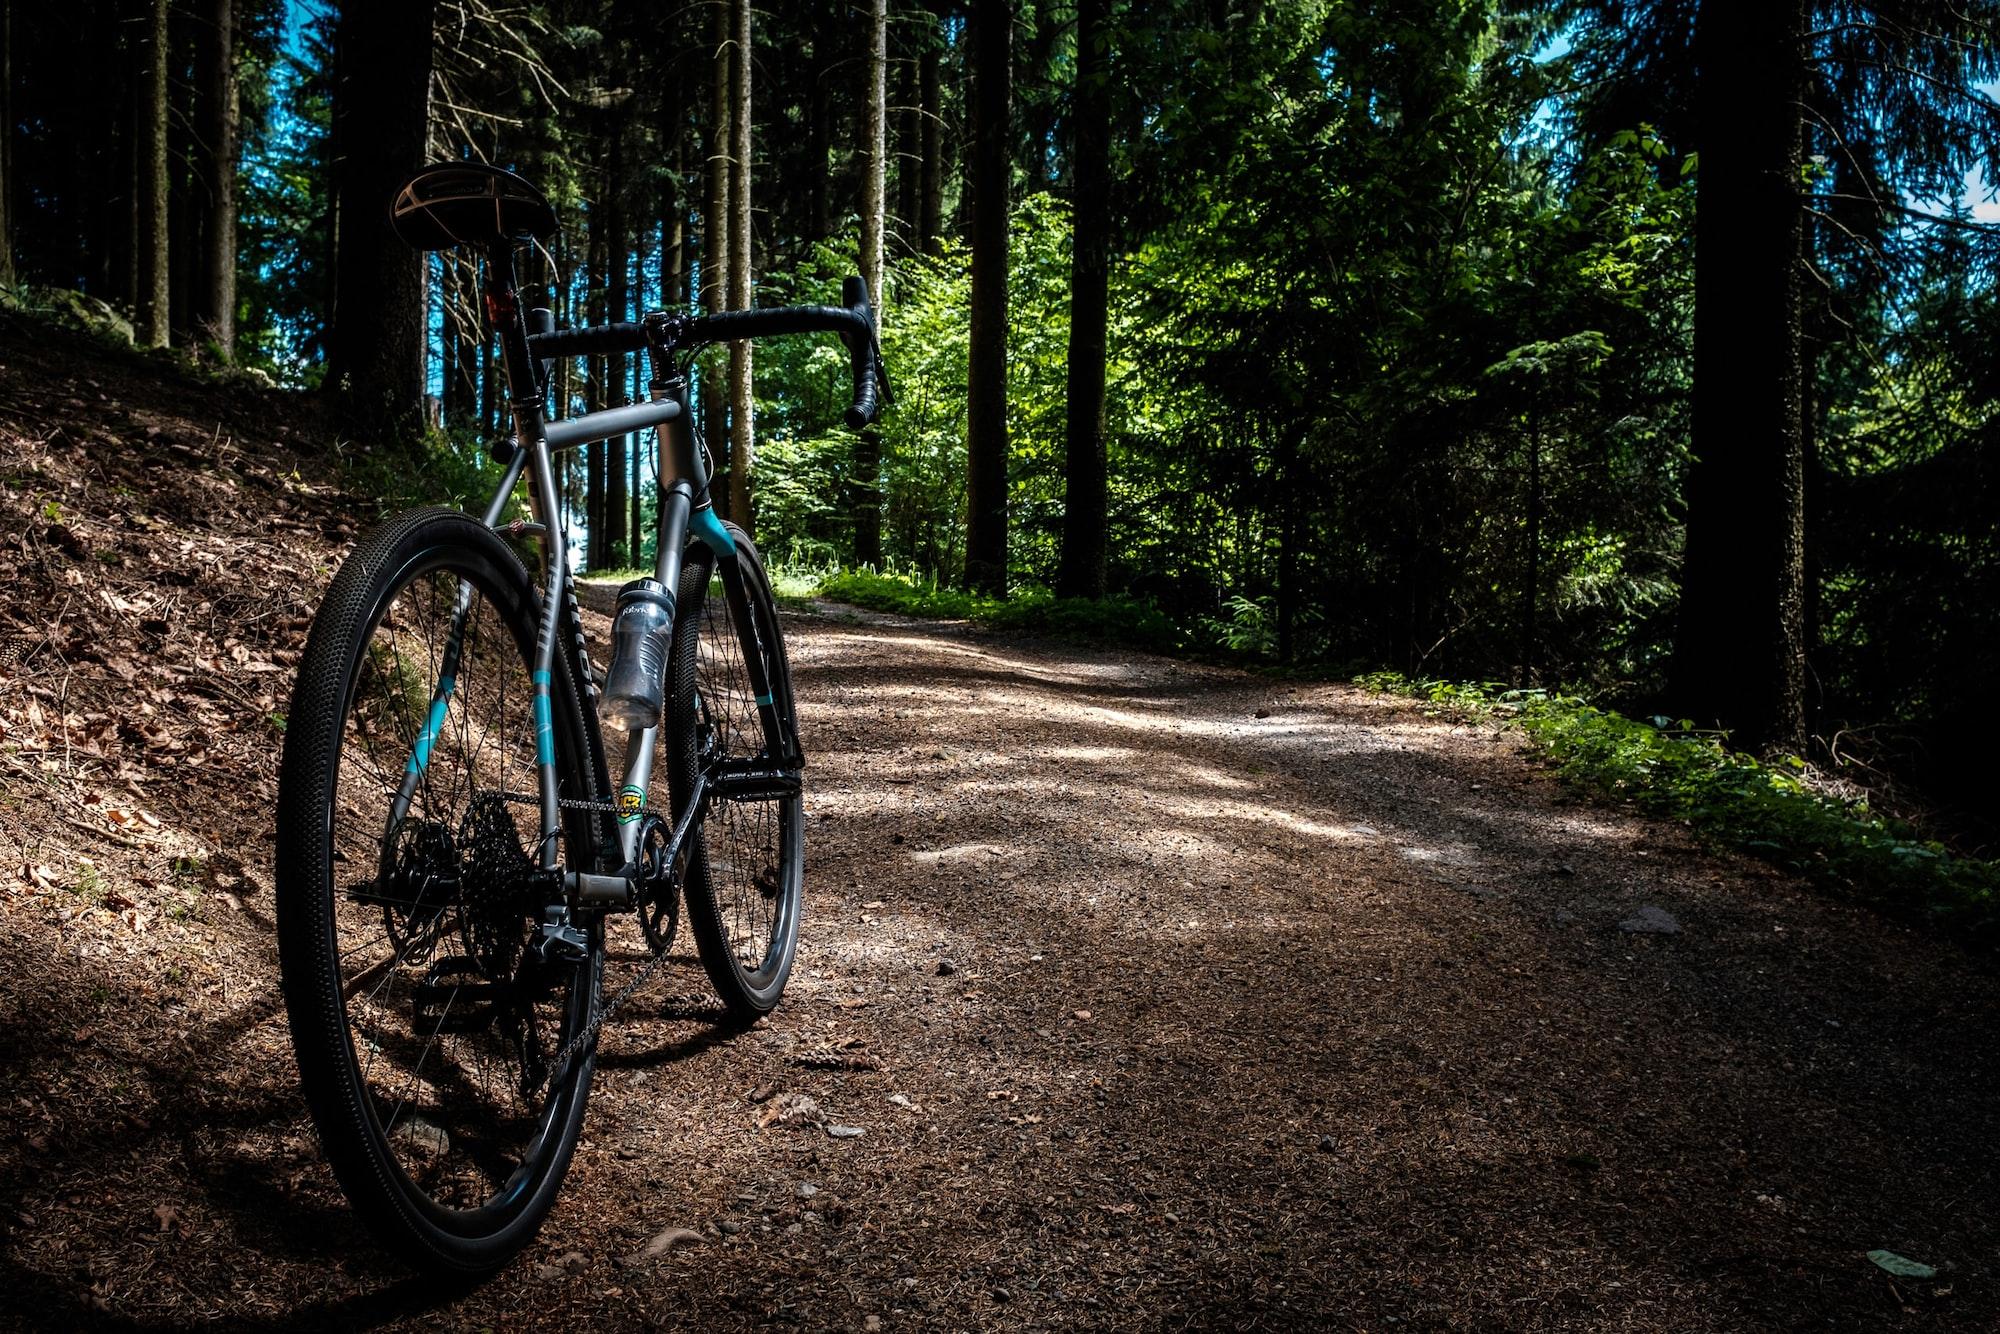 क्या होता है जब आप दिन में सिर्फ 5 मिनट साइकिल चलाते हैं